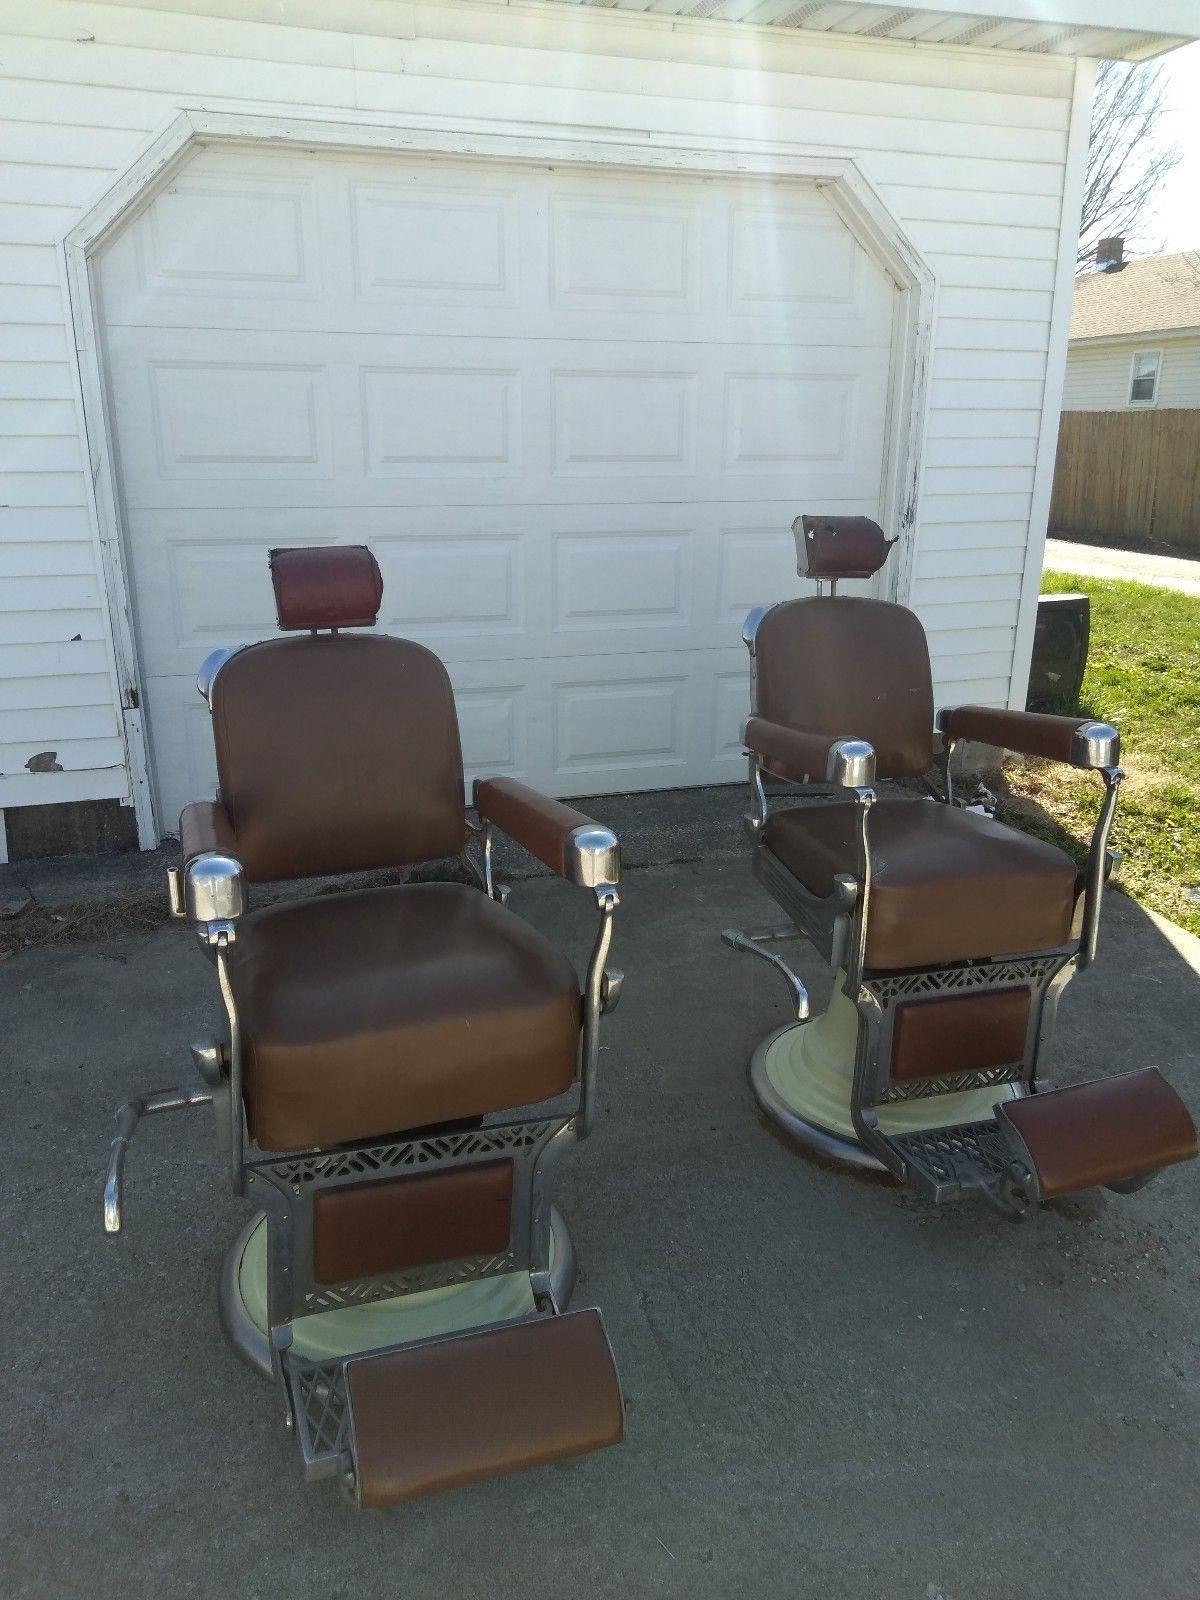 barber instappraisal koken antique image appraisal chair